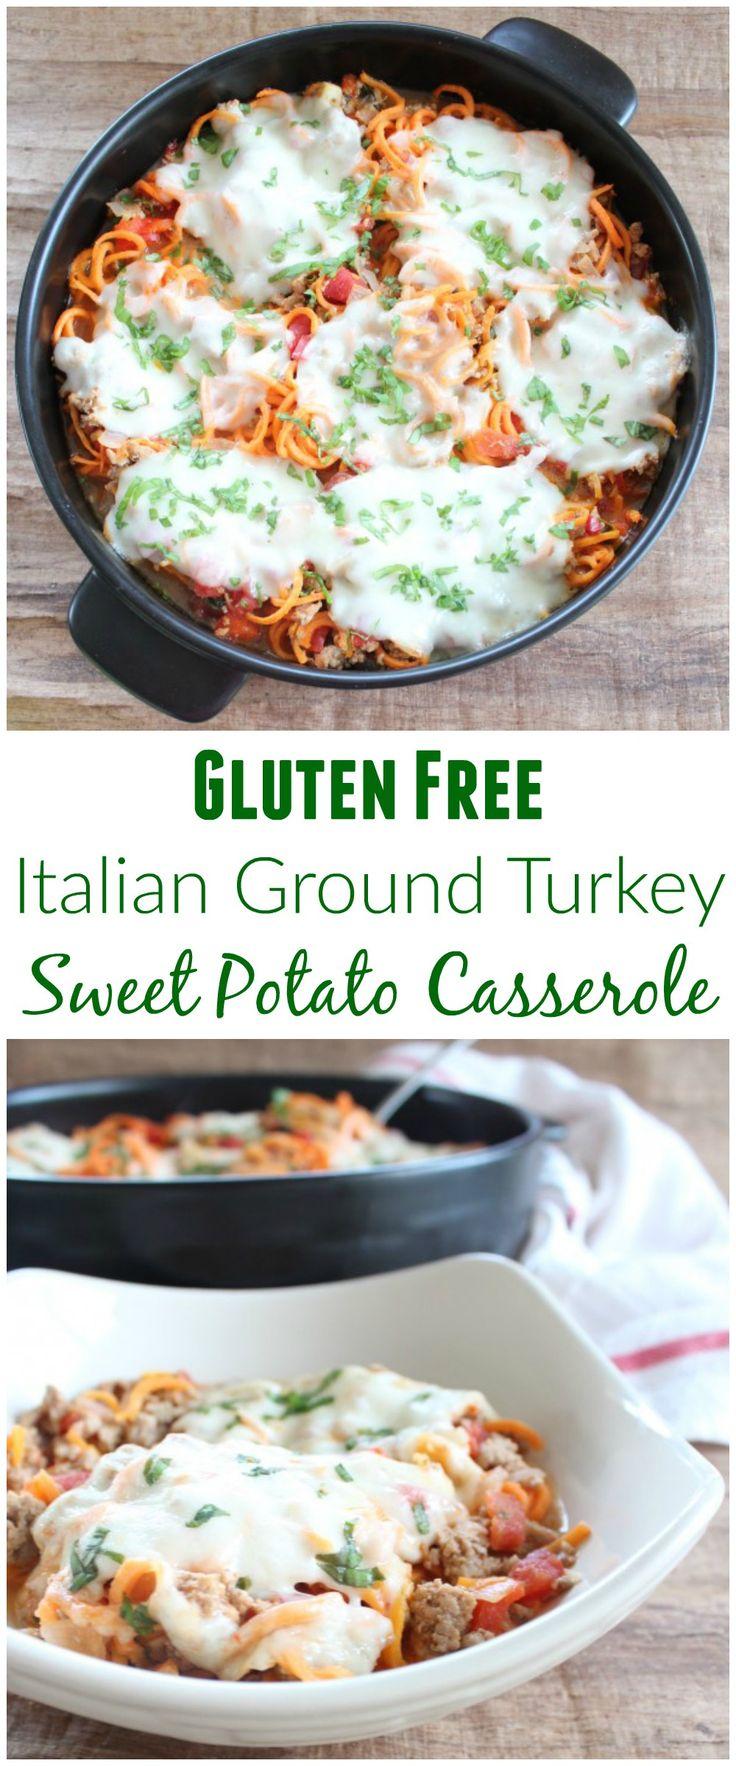 Gluten Free Italian Turkey Sweet Potato Casserole